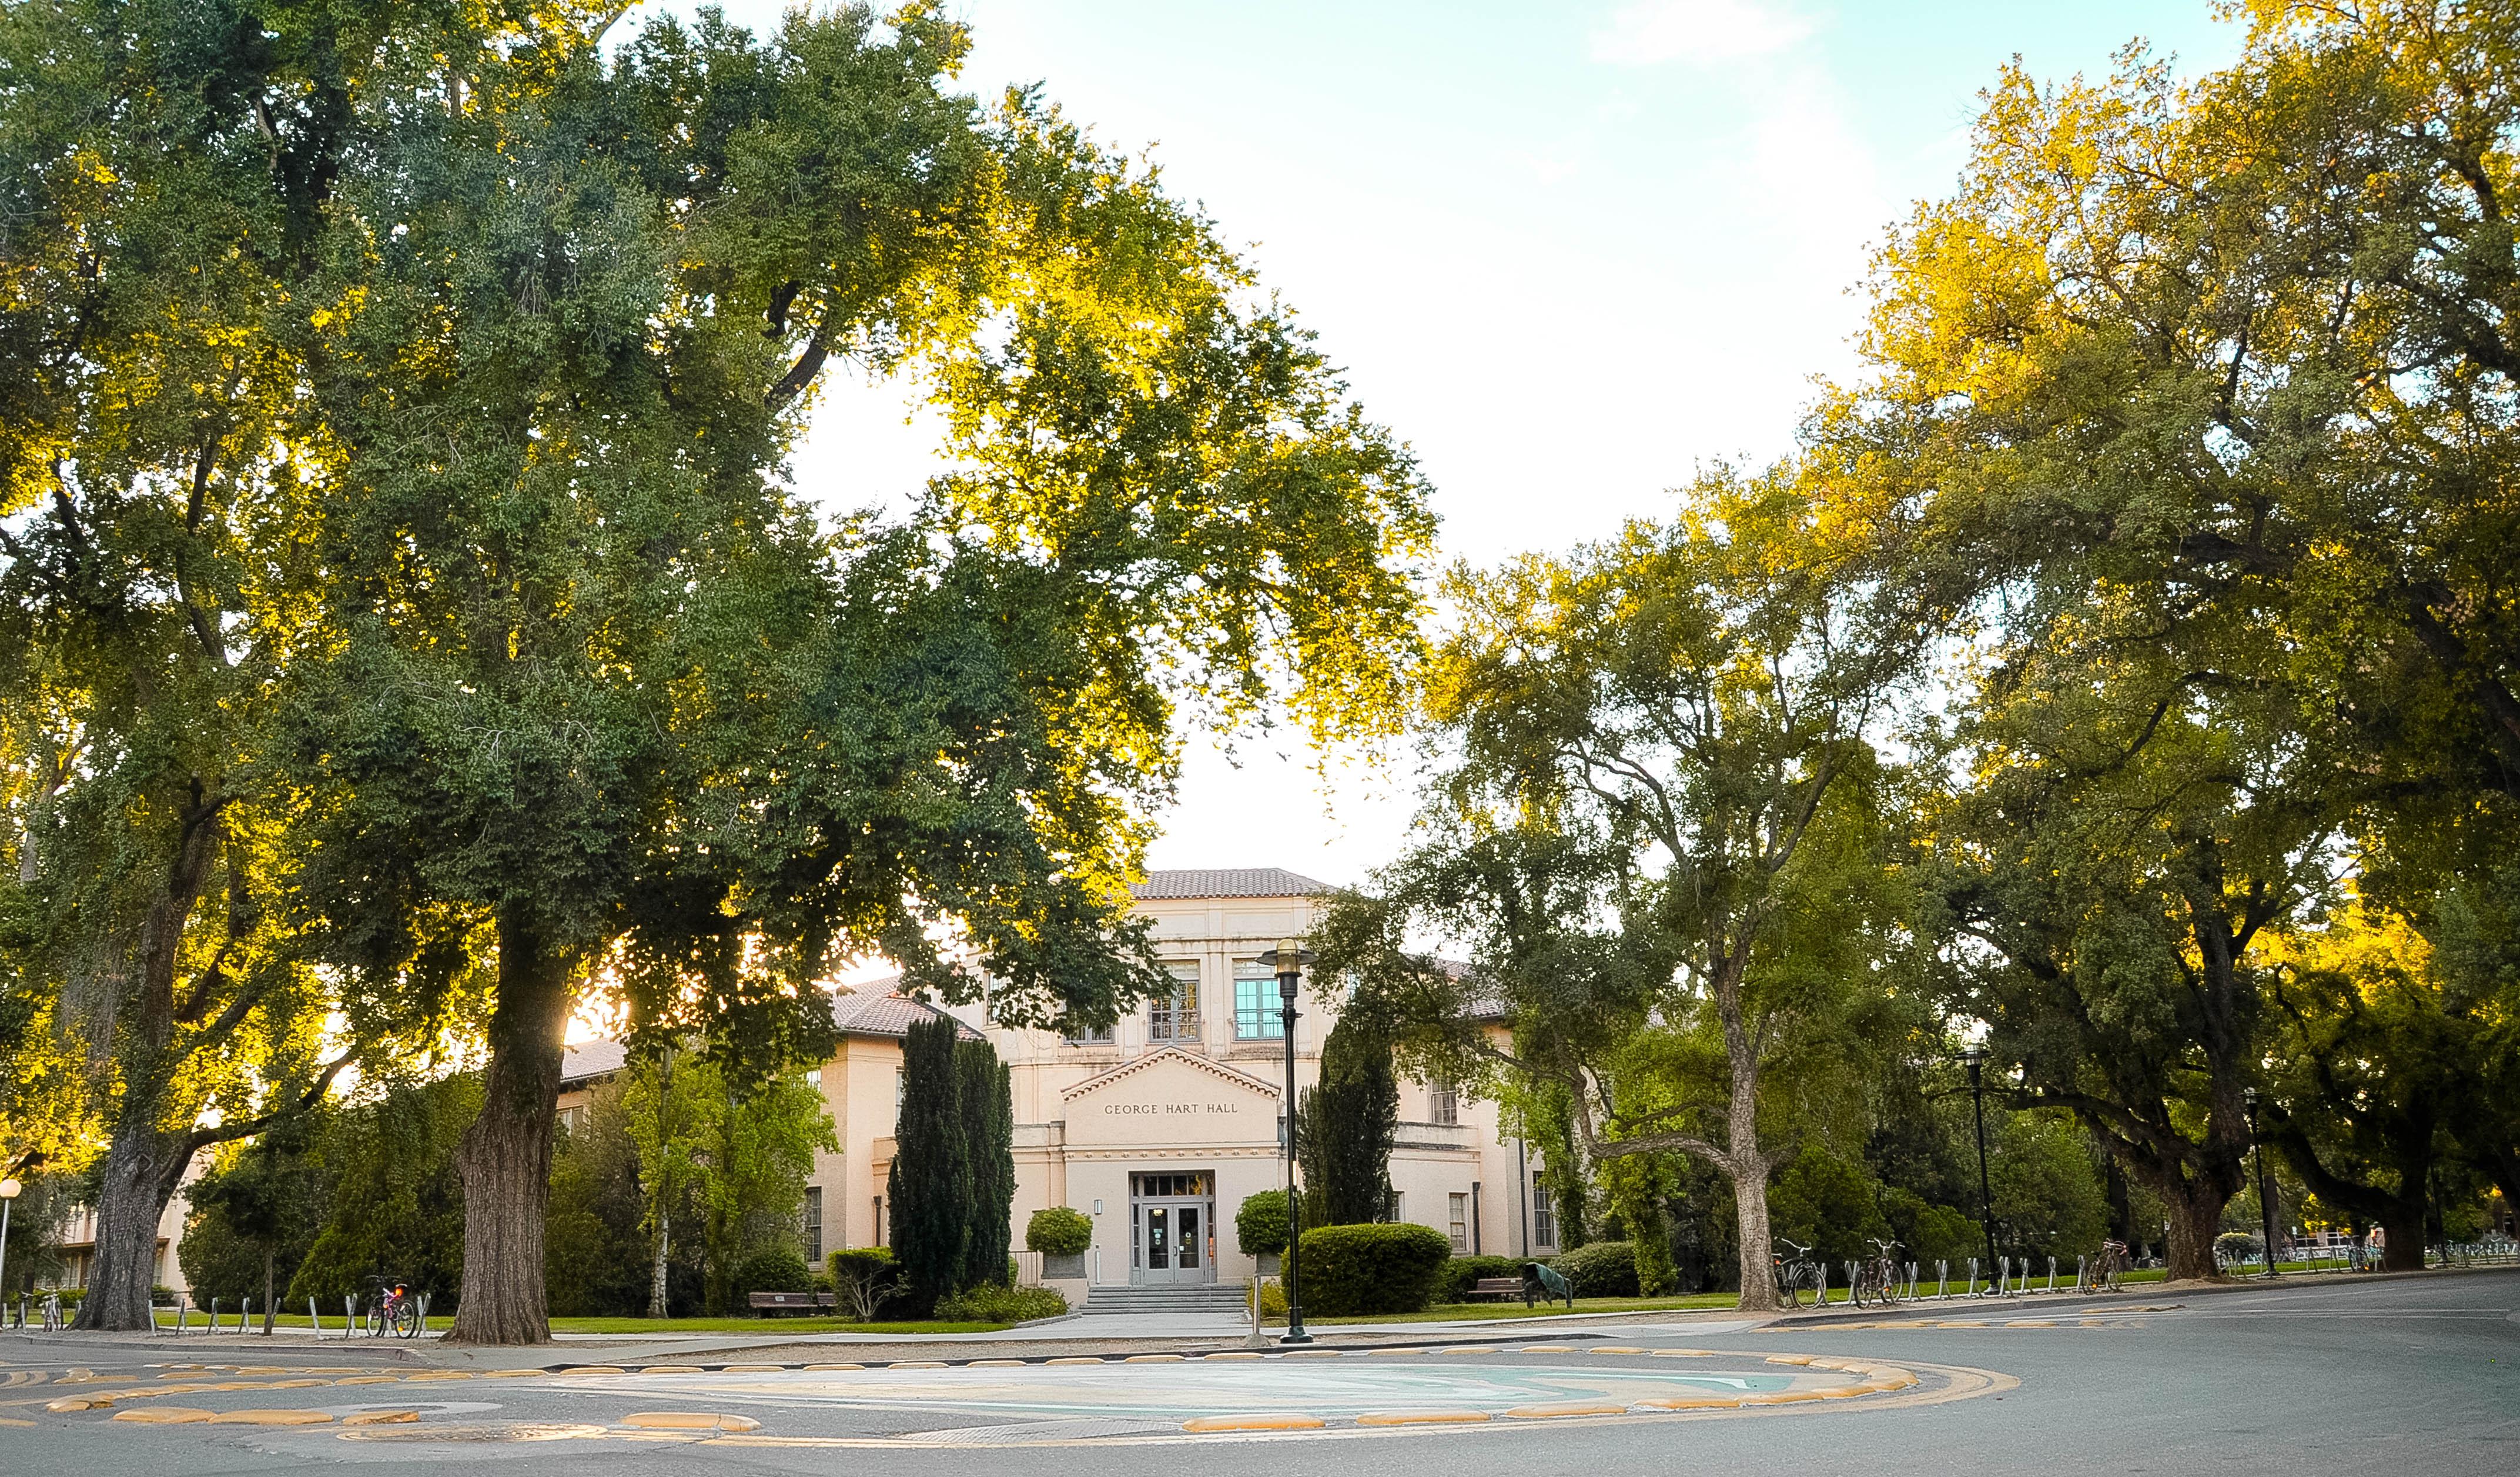 Không gian nhiều cây xanh và những con đường rộng thênh thang trong campus ưu tiên dành cho xe đạp